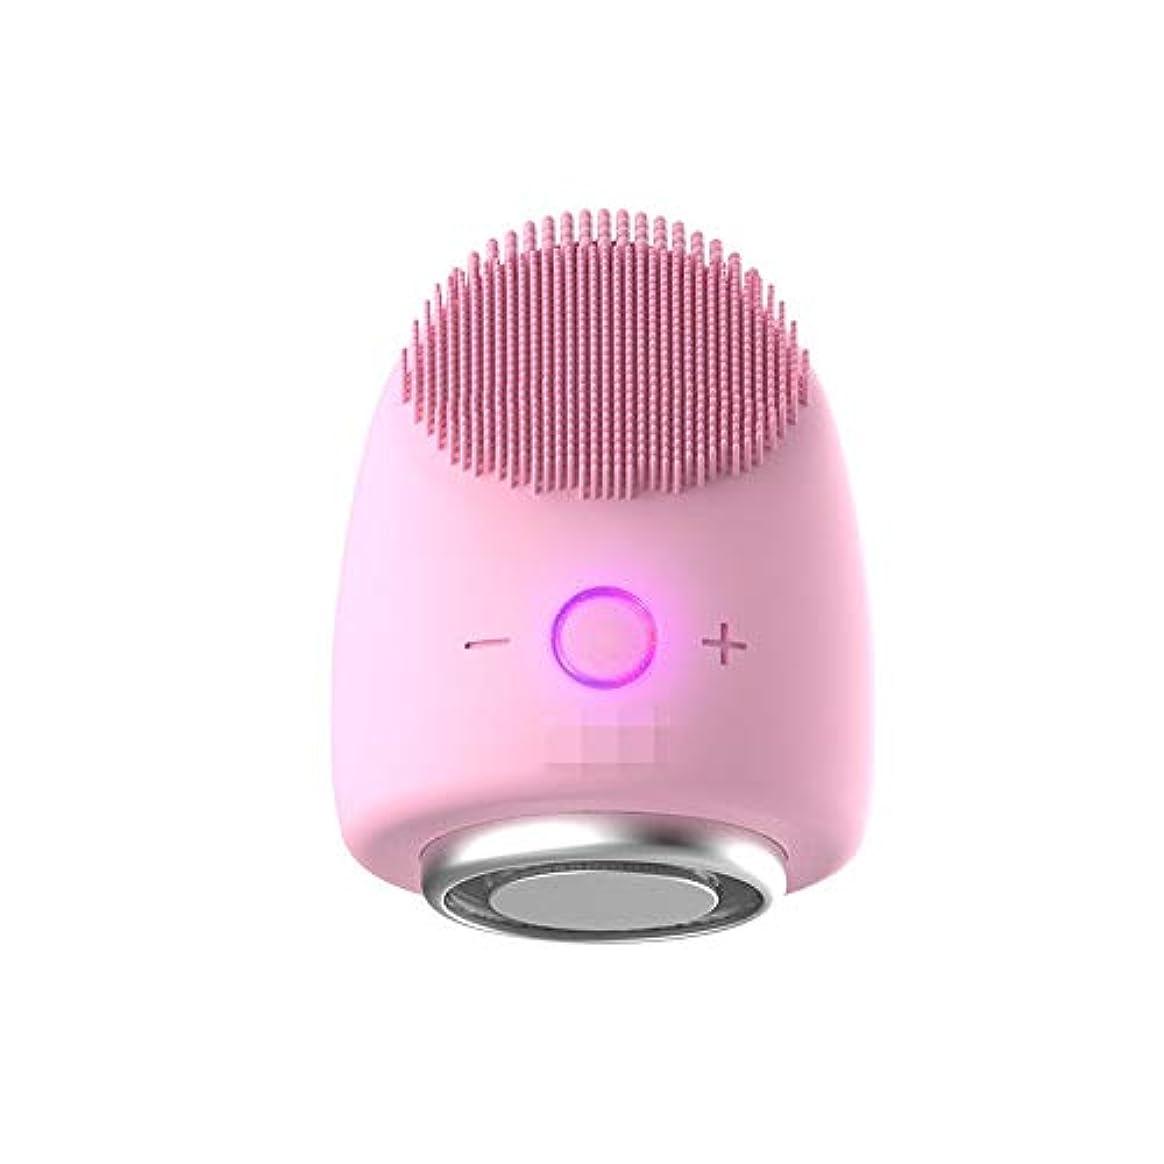 実際のに勝るごめんなさいChaopeng 多機能美容器具洗浄器具導入器具凝縮ホットドレッシング肌活性化器具 (Color : ピンク)